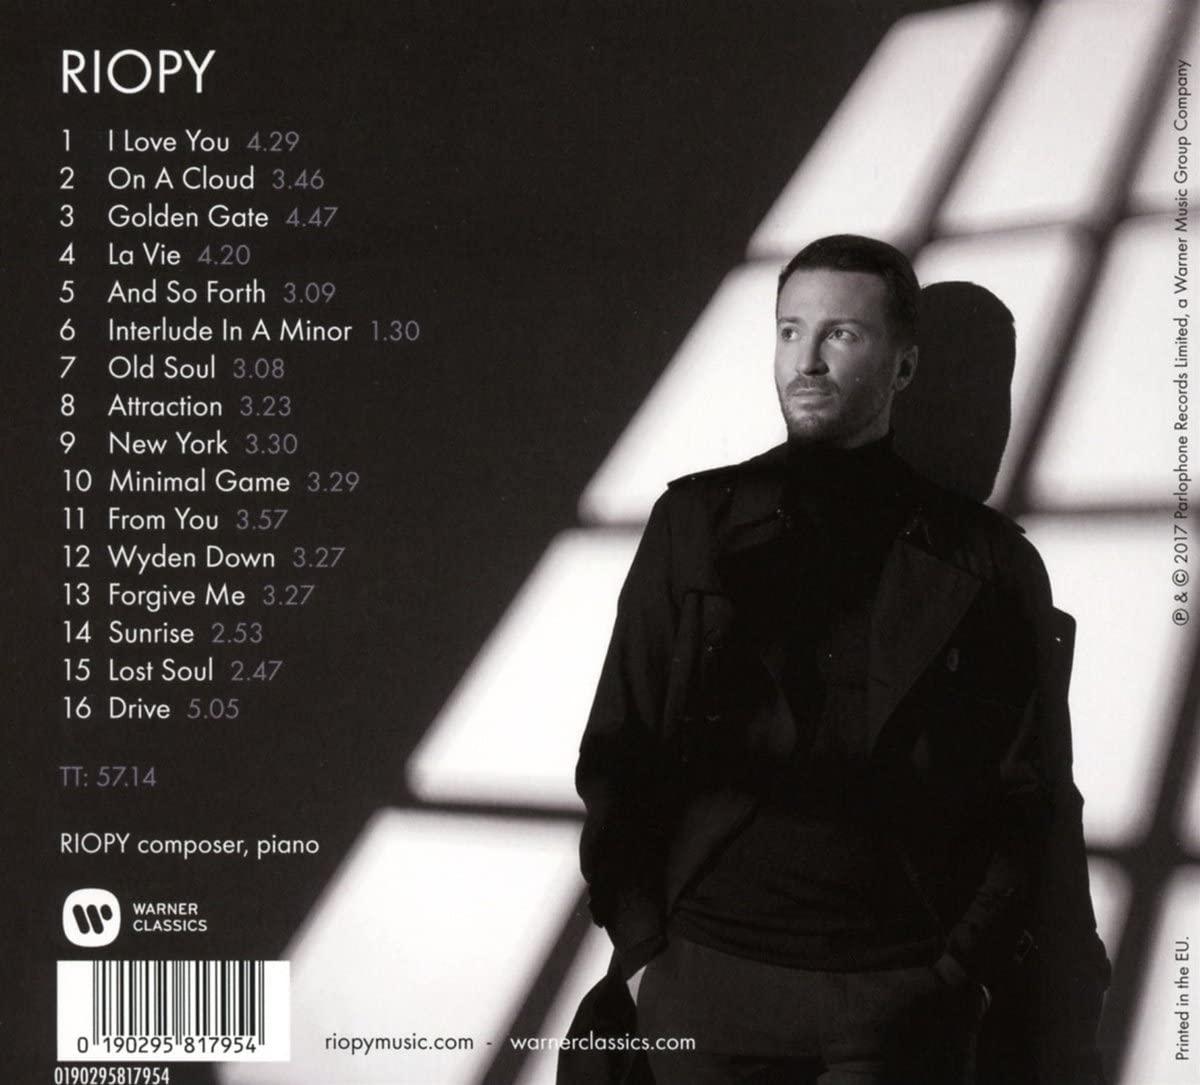 کاور پشت آلبوم RIOPY از ریوپی